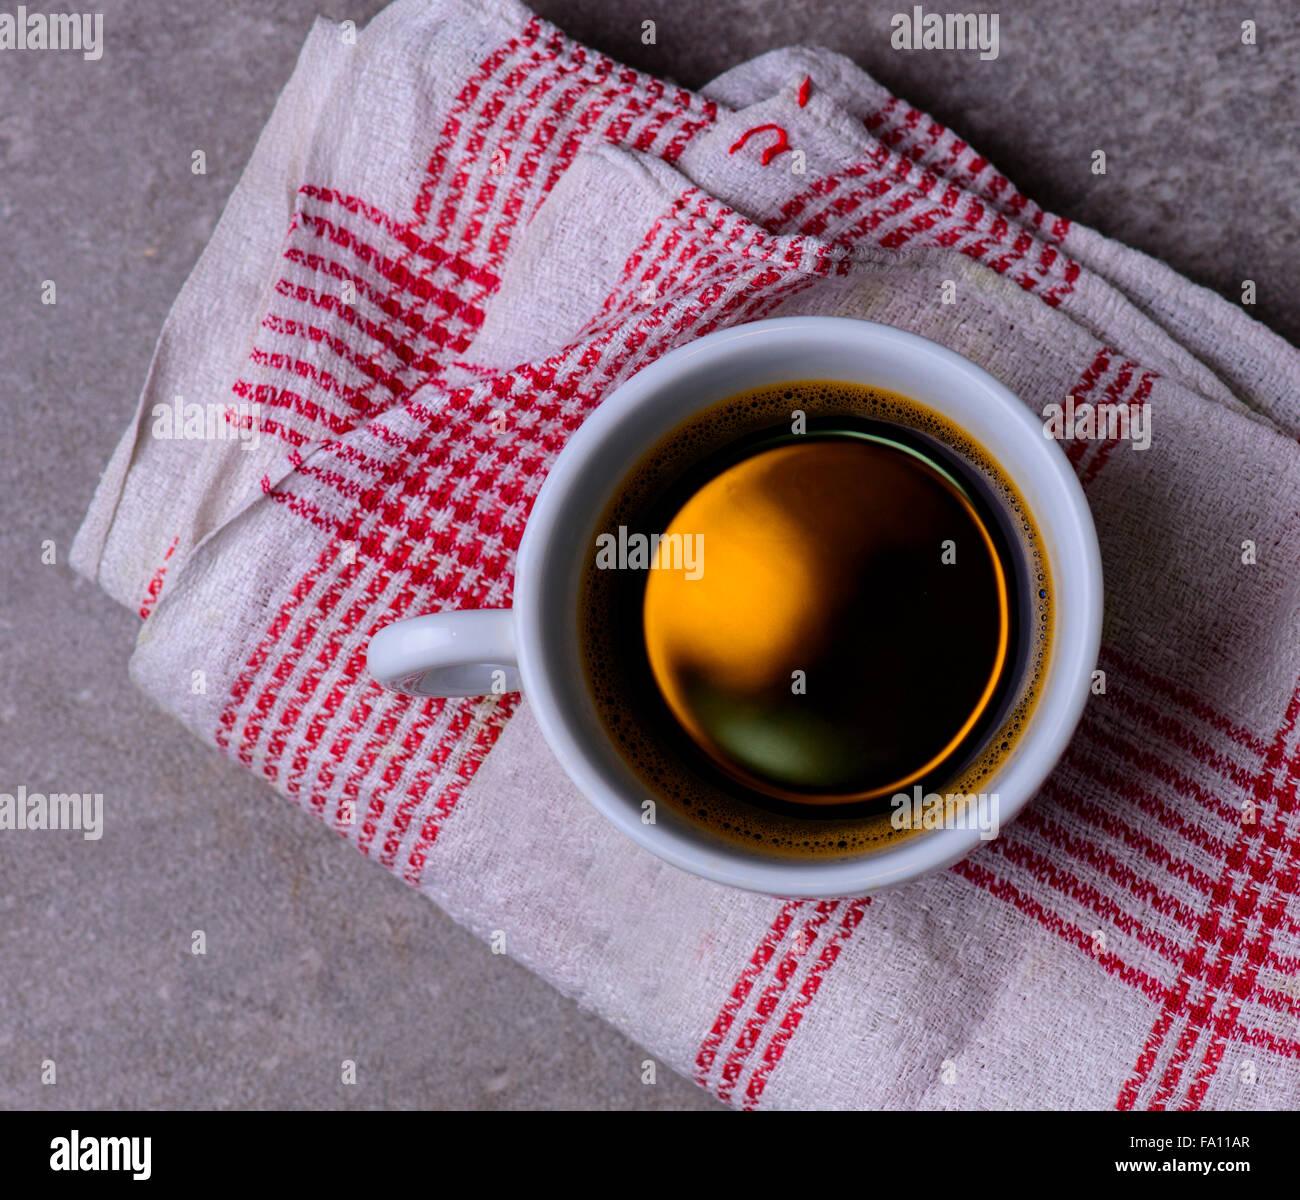 eine Tasse schwarzen Kaffee auf einer roten weißen Tischdecke Stockbild